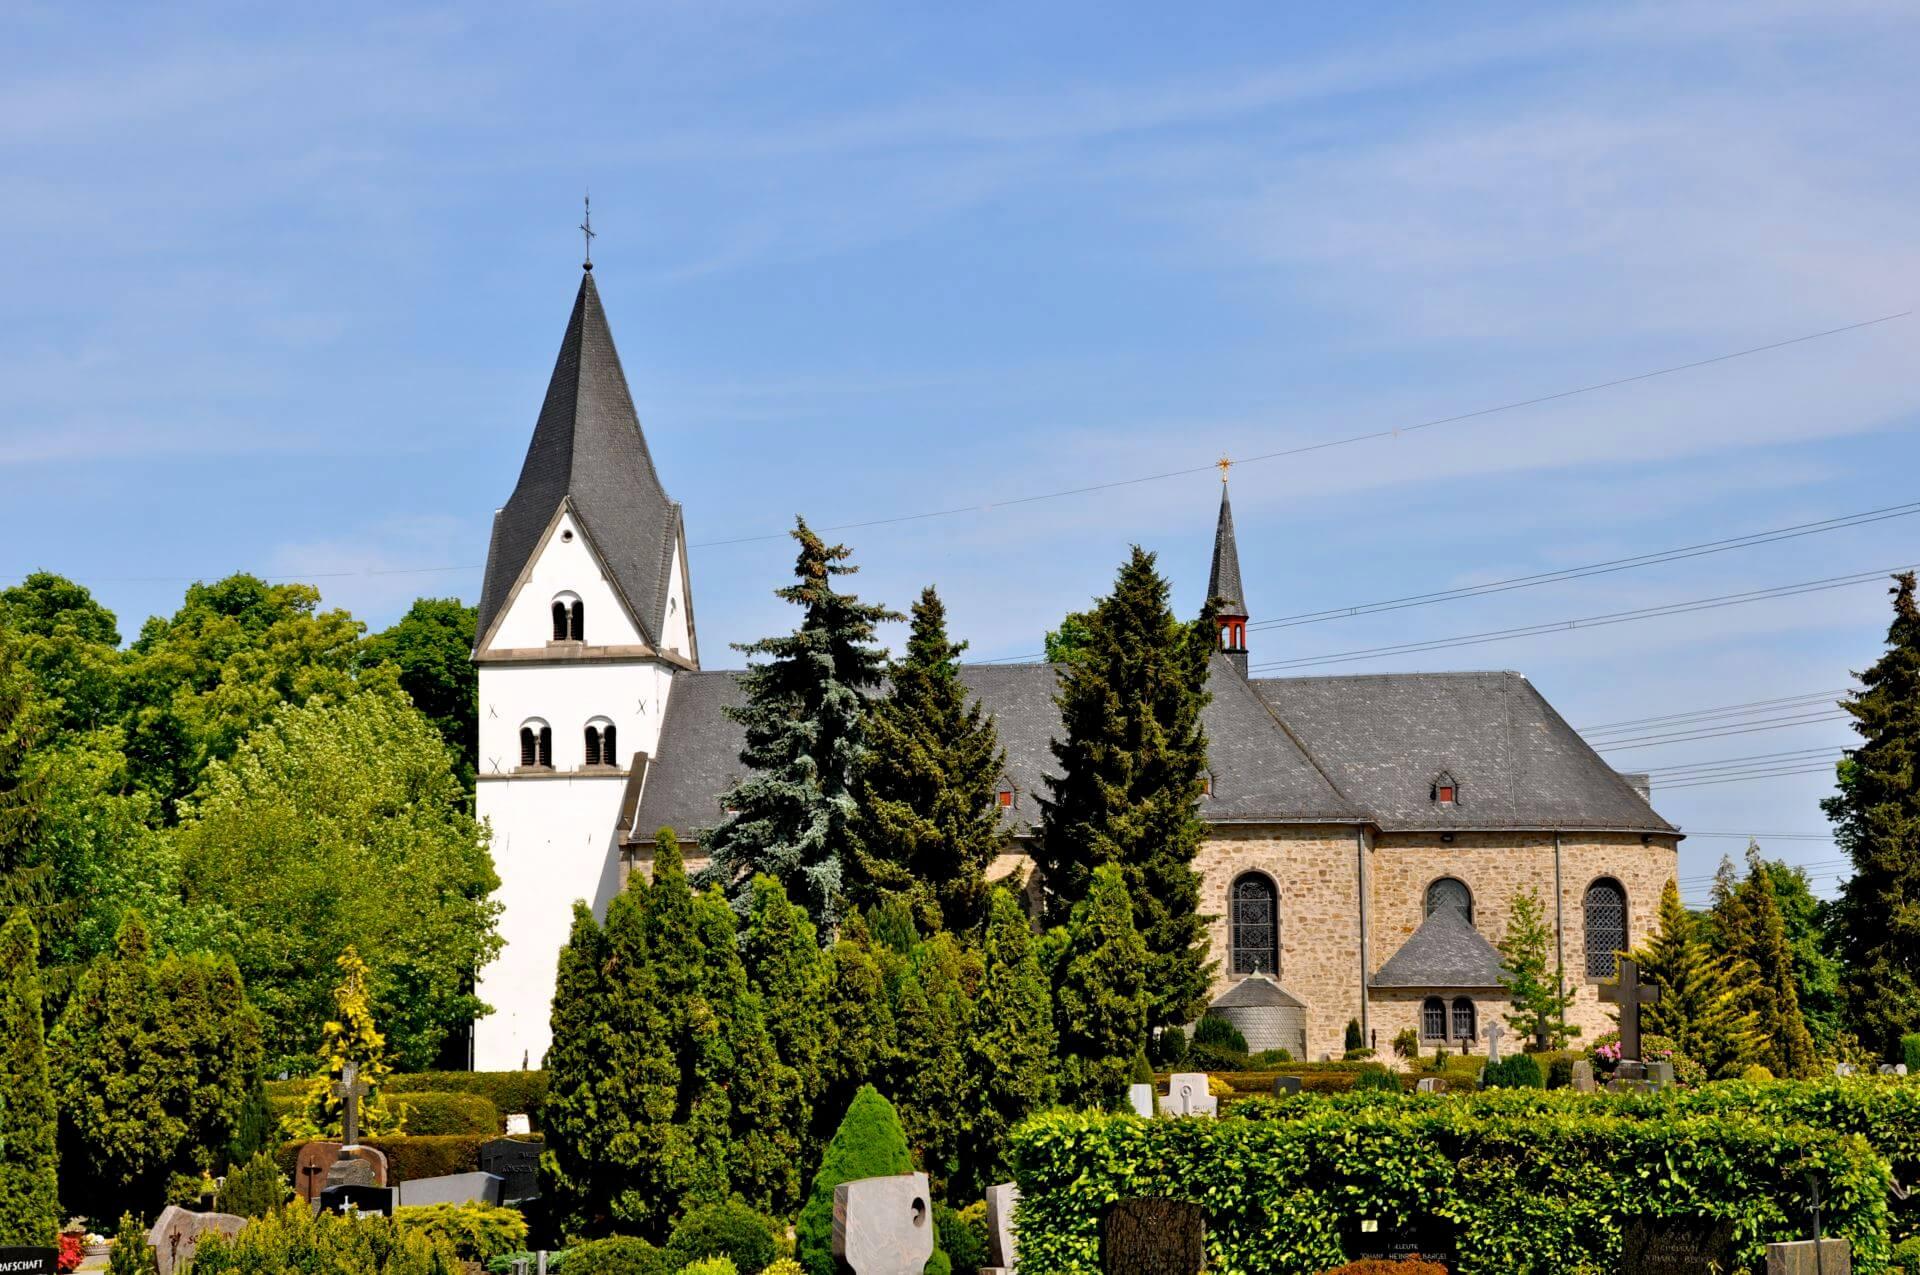 St.-Martinus